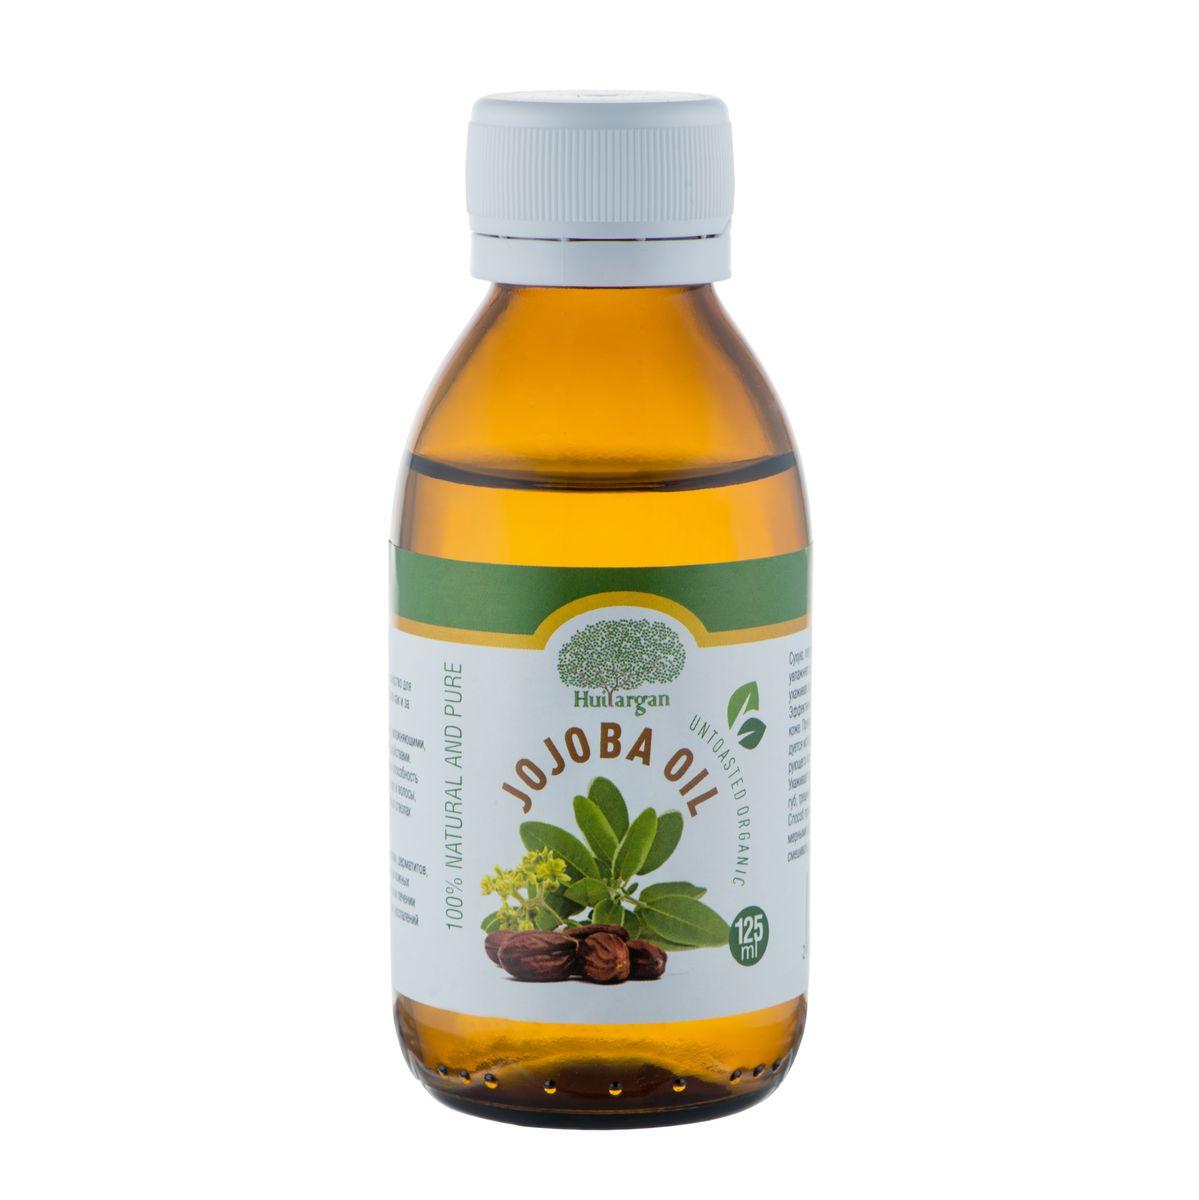 Huilargan Масло жожоба, 100% органическое, 125 млFS-00897Масло жожоба (Jojoba oil) – 'то идеальное средство для ежедневного ухода за кожей всех типов, также как и за волосами любой структуры и типов. Оно обладает высокими регенерирующими, увлажняющими, противовоспалительными и смягчающими свойствами. Богато витамином Е. Отличная проникающая способность масла обеспечивает полное всасывание в кожу и волосы, поэтому оно не оставляет на лице и волосяных стволах жирного блеска.Масло жожоба применяется при лечении экзем, дерматитов, нейродермитов, псориаза и других серьезных кожных проблемах – в лечебных мазях.В комплексном лечении акне, фурункулов, угревой сыпи и различных воспалений и высыпаний на коже.Сухую, пересушенную, шелушащуюся и воспаленную кожу оно увлажняет и питает, проникая в глубокие слои кожи, идеально ухаживая за кожными структурами лица, шеи, груди и декольте. Эффективно разглаживает морщины при дряблой, стареющей коже.Прекрасное средство после бритья, поэтому его рекомендуется использовать как смягчающее средство после травмирующего кожу бритья.Ухаживает за губами, увлажняя их. Исчезает излишняя сухость губ, трещинки и шелушение на губах и вокруг них.